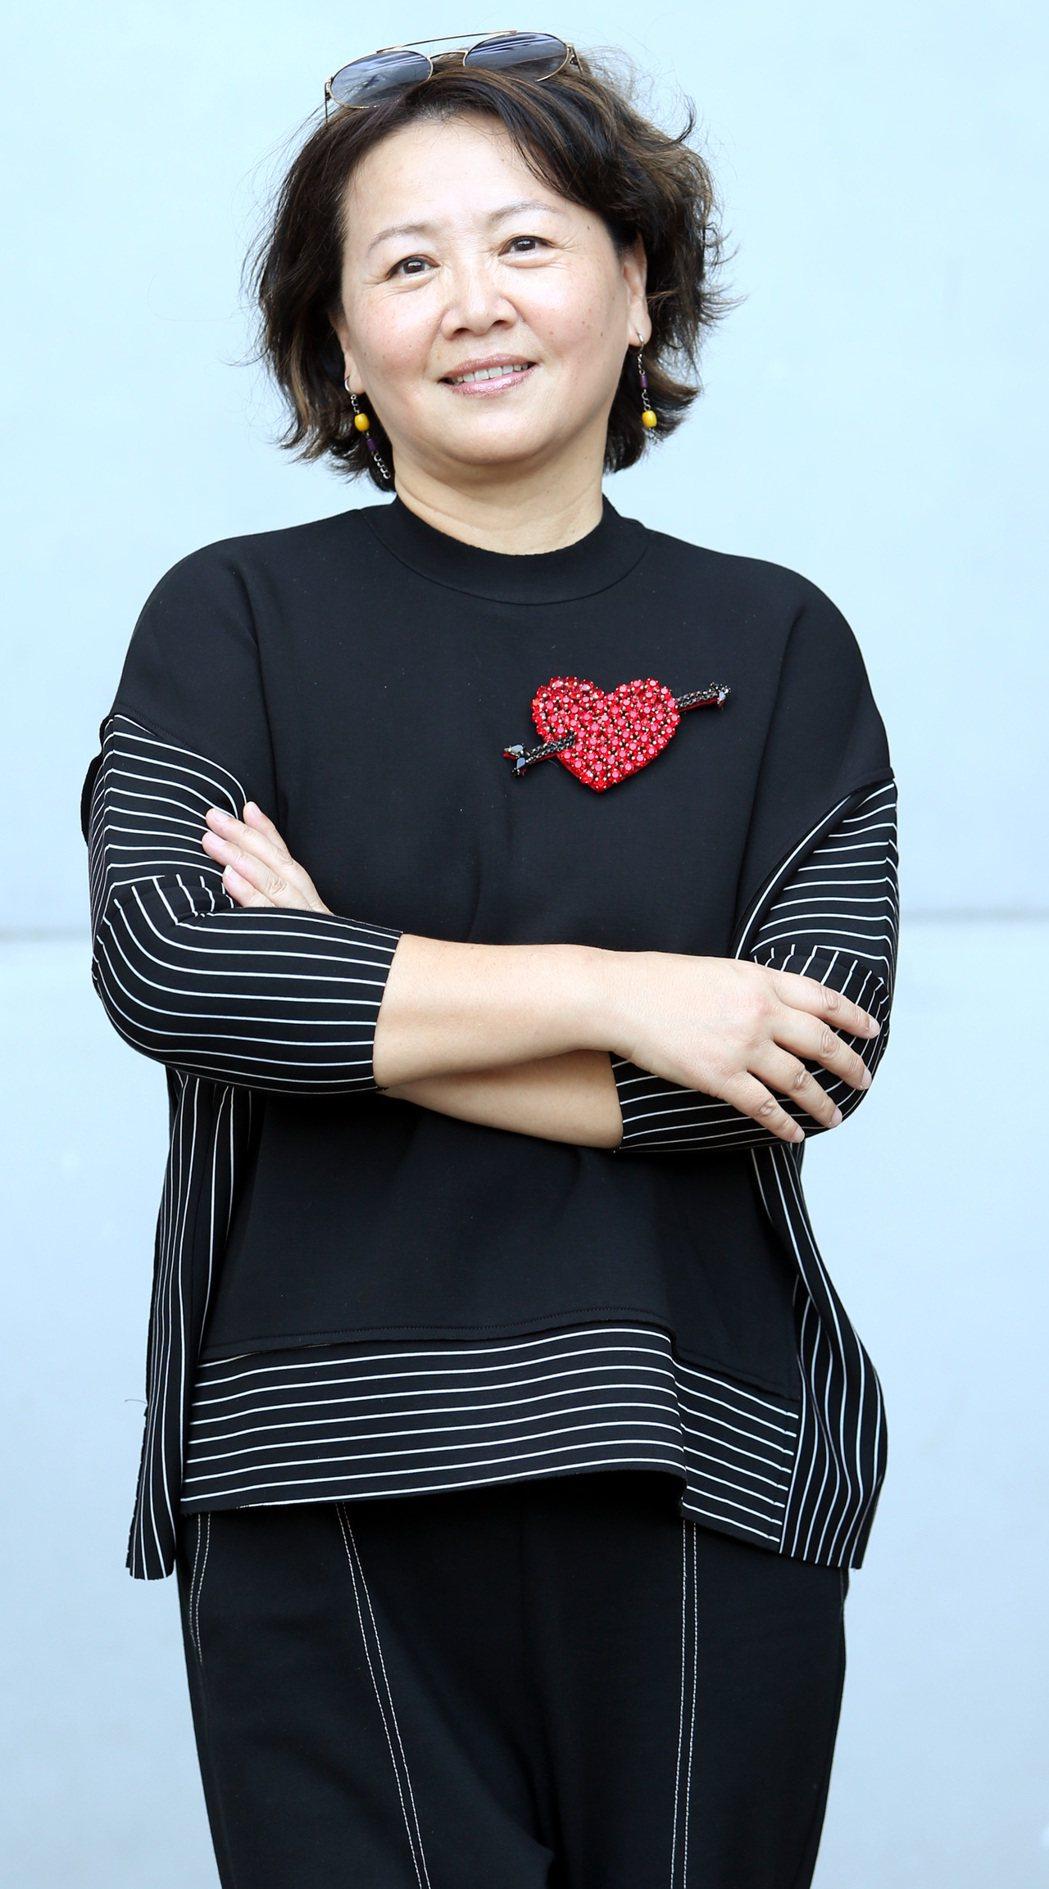 王琄以「媽媽桌球」入圍金鐘迷你劇集最佳女主角。記者侯永全/攝影